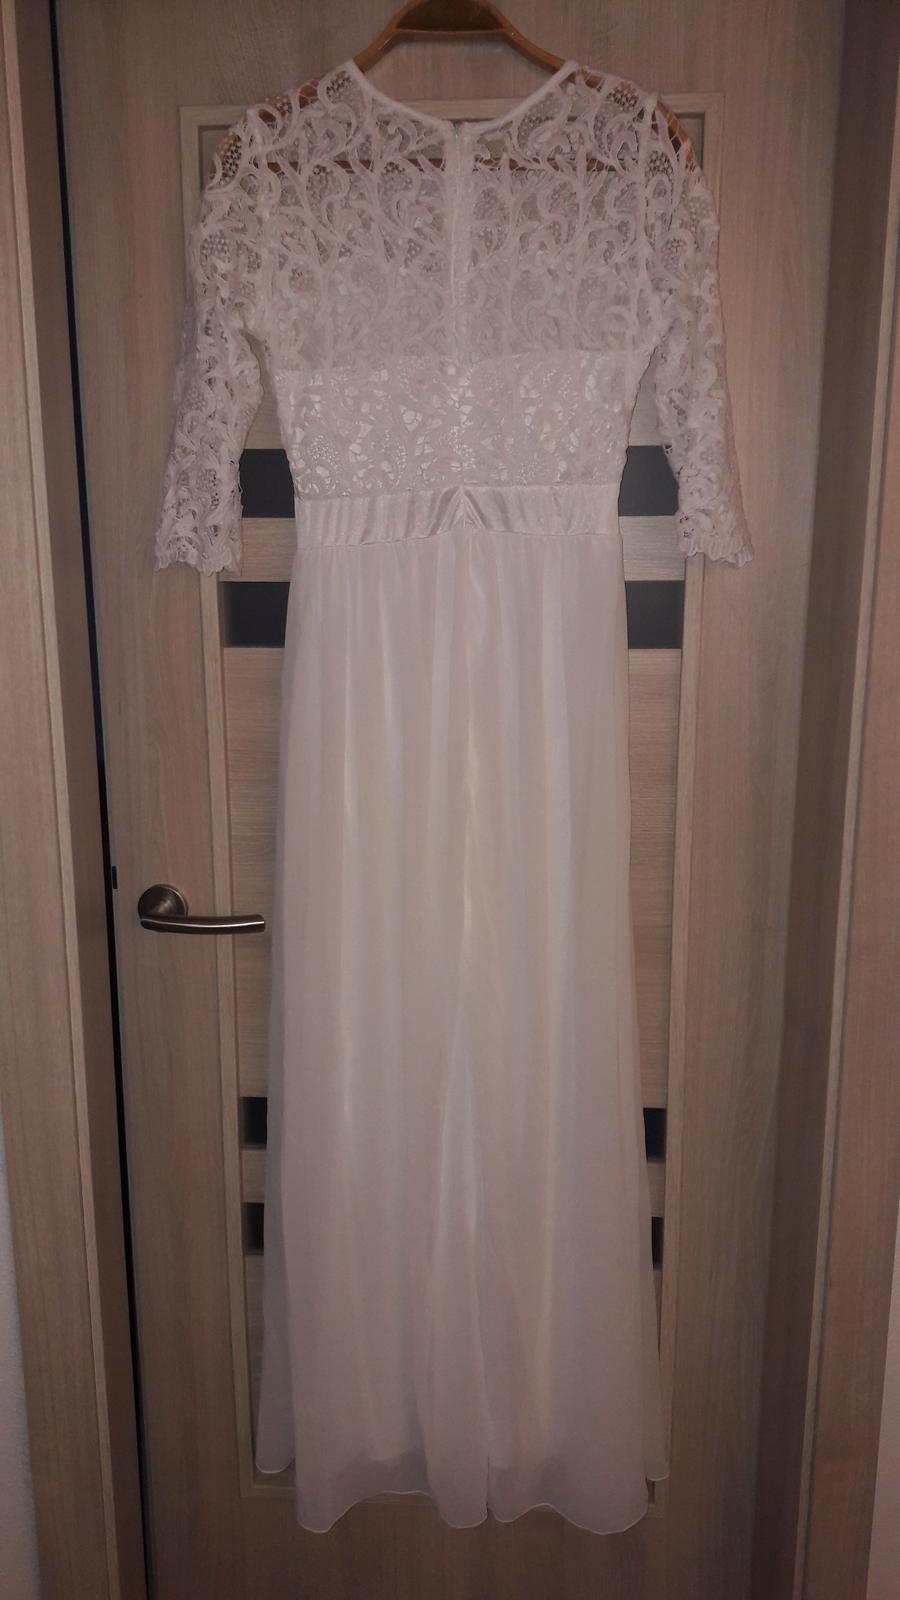 Jednoduché svadobné šaty s čipkou  - Obrázok č. 2